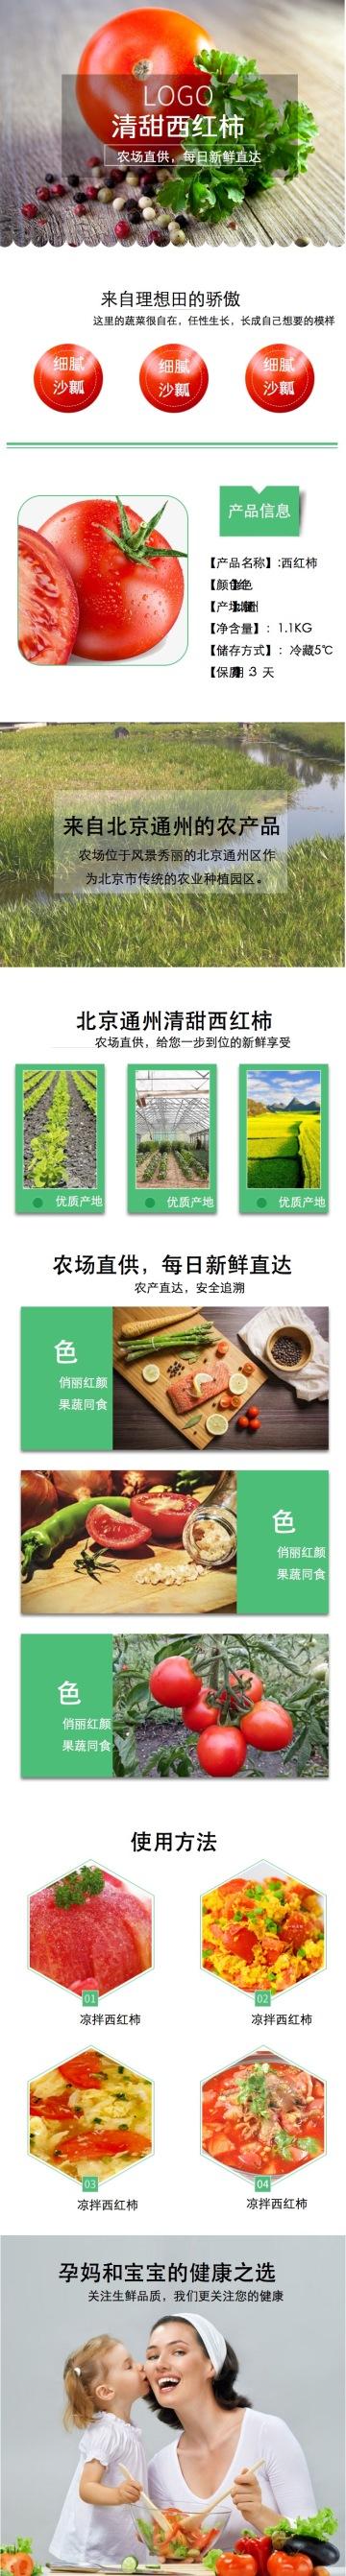 绿色简约生鲜果蔬西红柿电商宣传营销宝贝详情